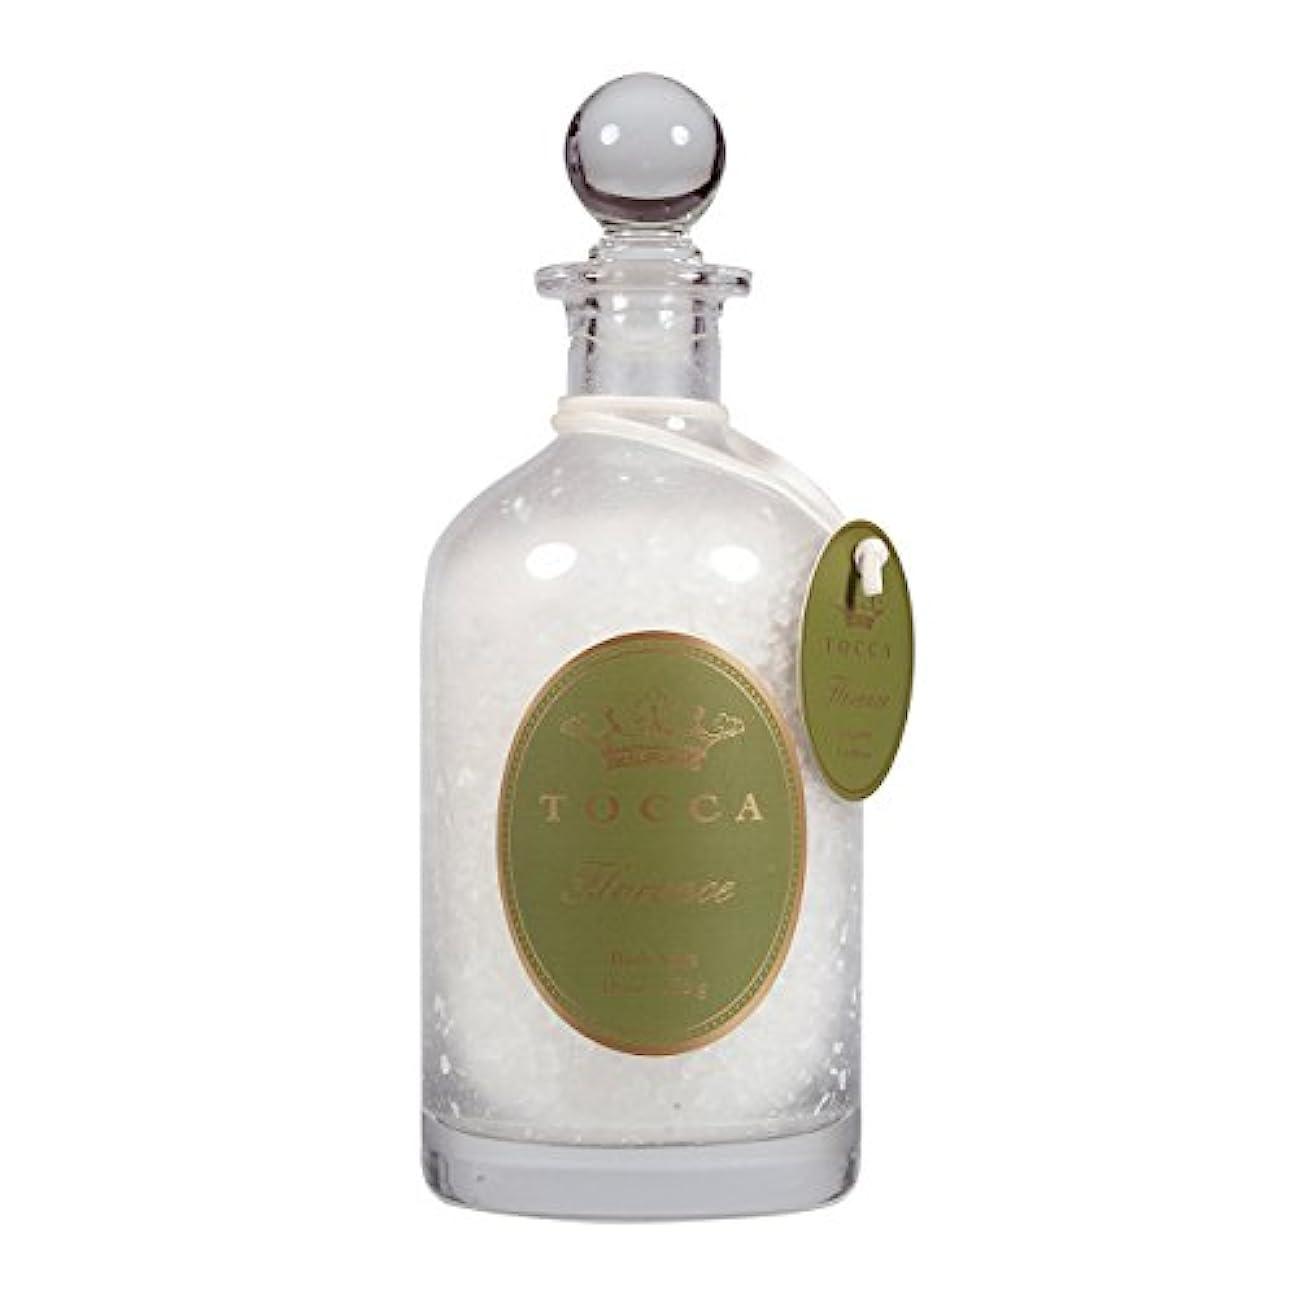 昆虫豆不良品トッカ(TOCCA) バスソルト 535g フローレンスの香り (約10回分)